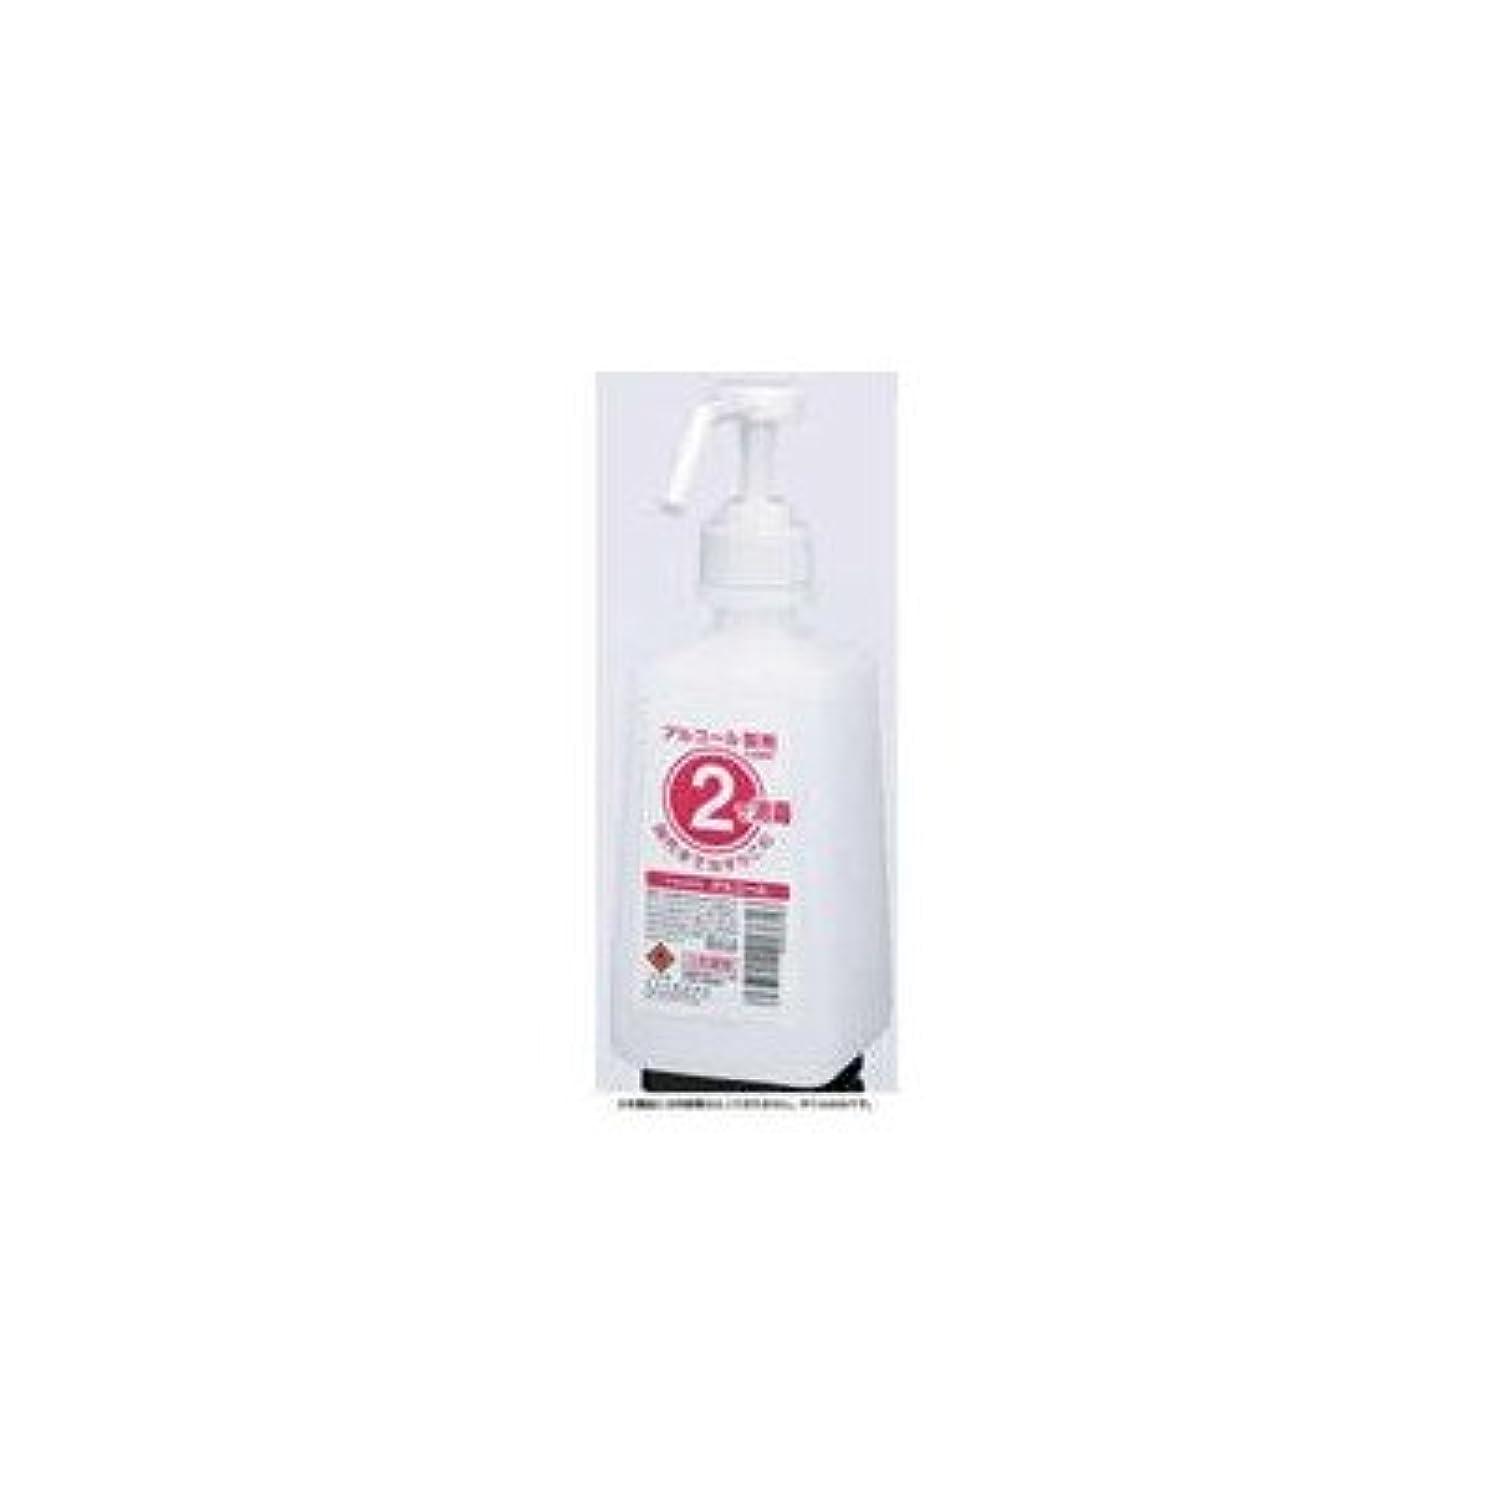 突然の突然のバルセロナアルコール消毒用2ボトル 1Lタイプ サラヤ 2ボトル 噴射ポンプ付 手指消毒剤用 薬液詰替容器 500ml×12本